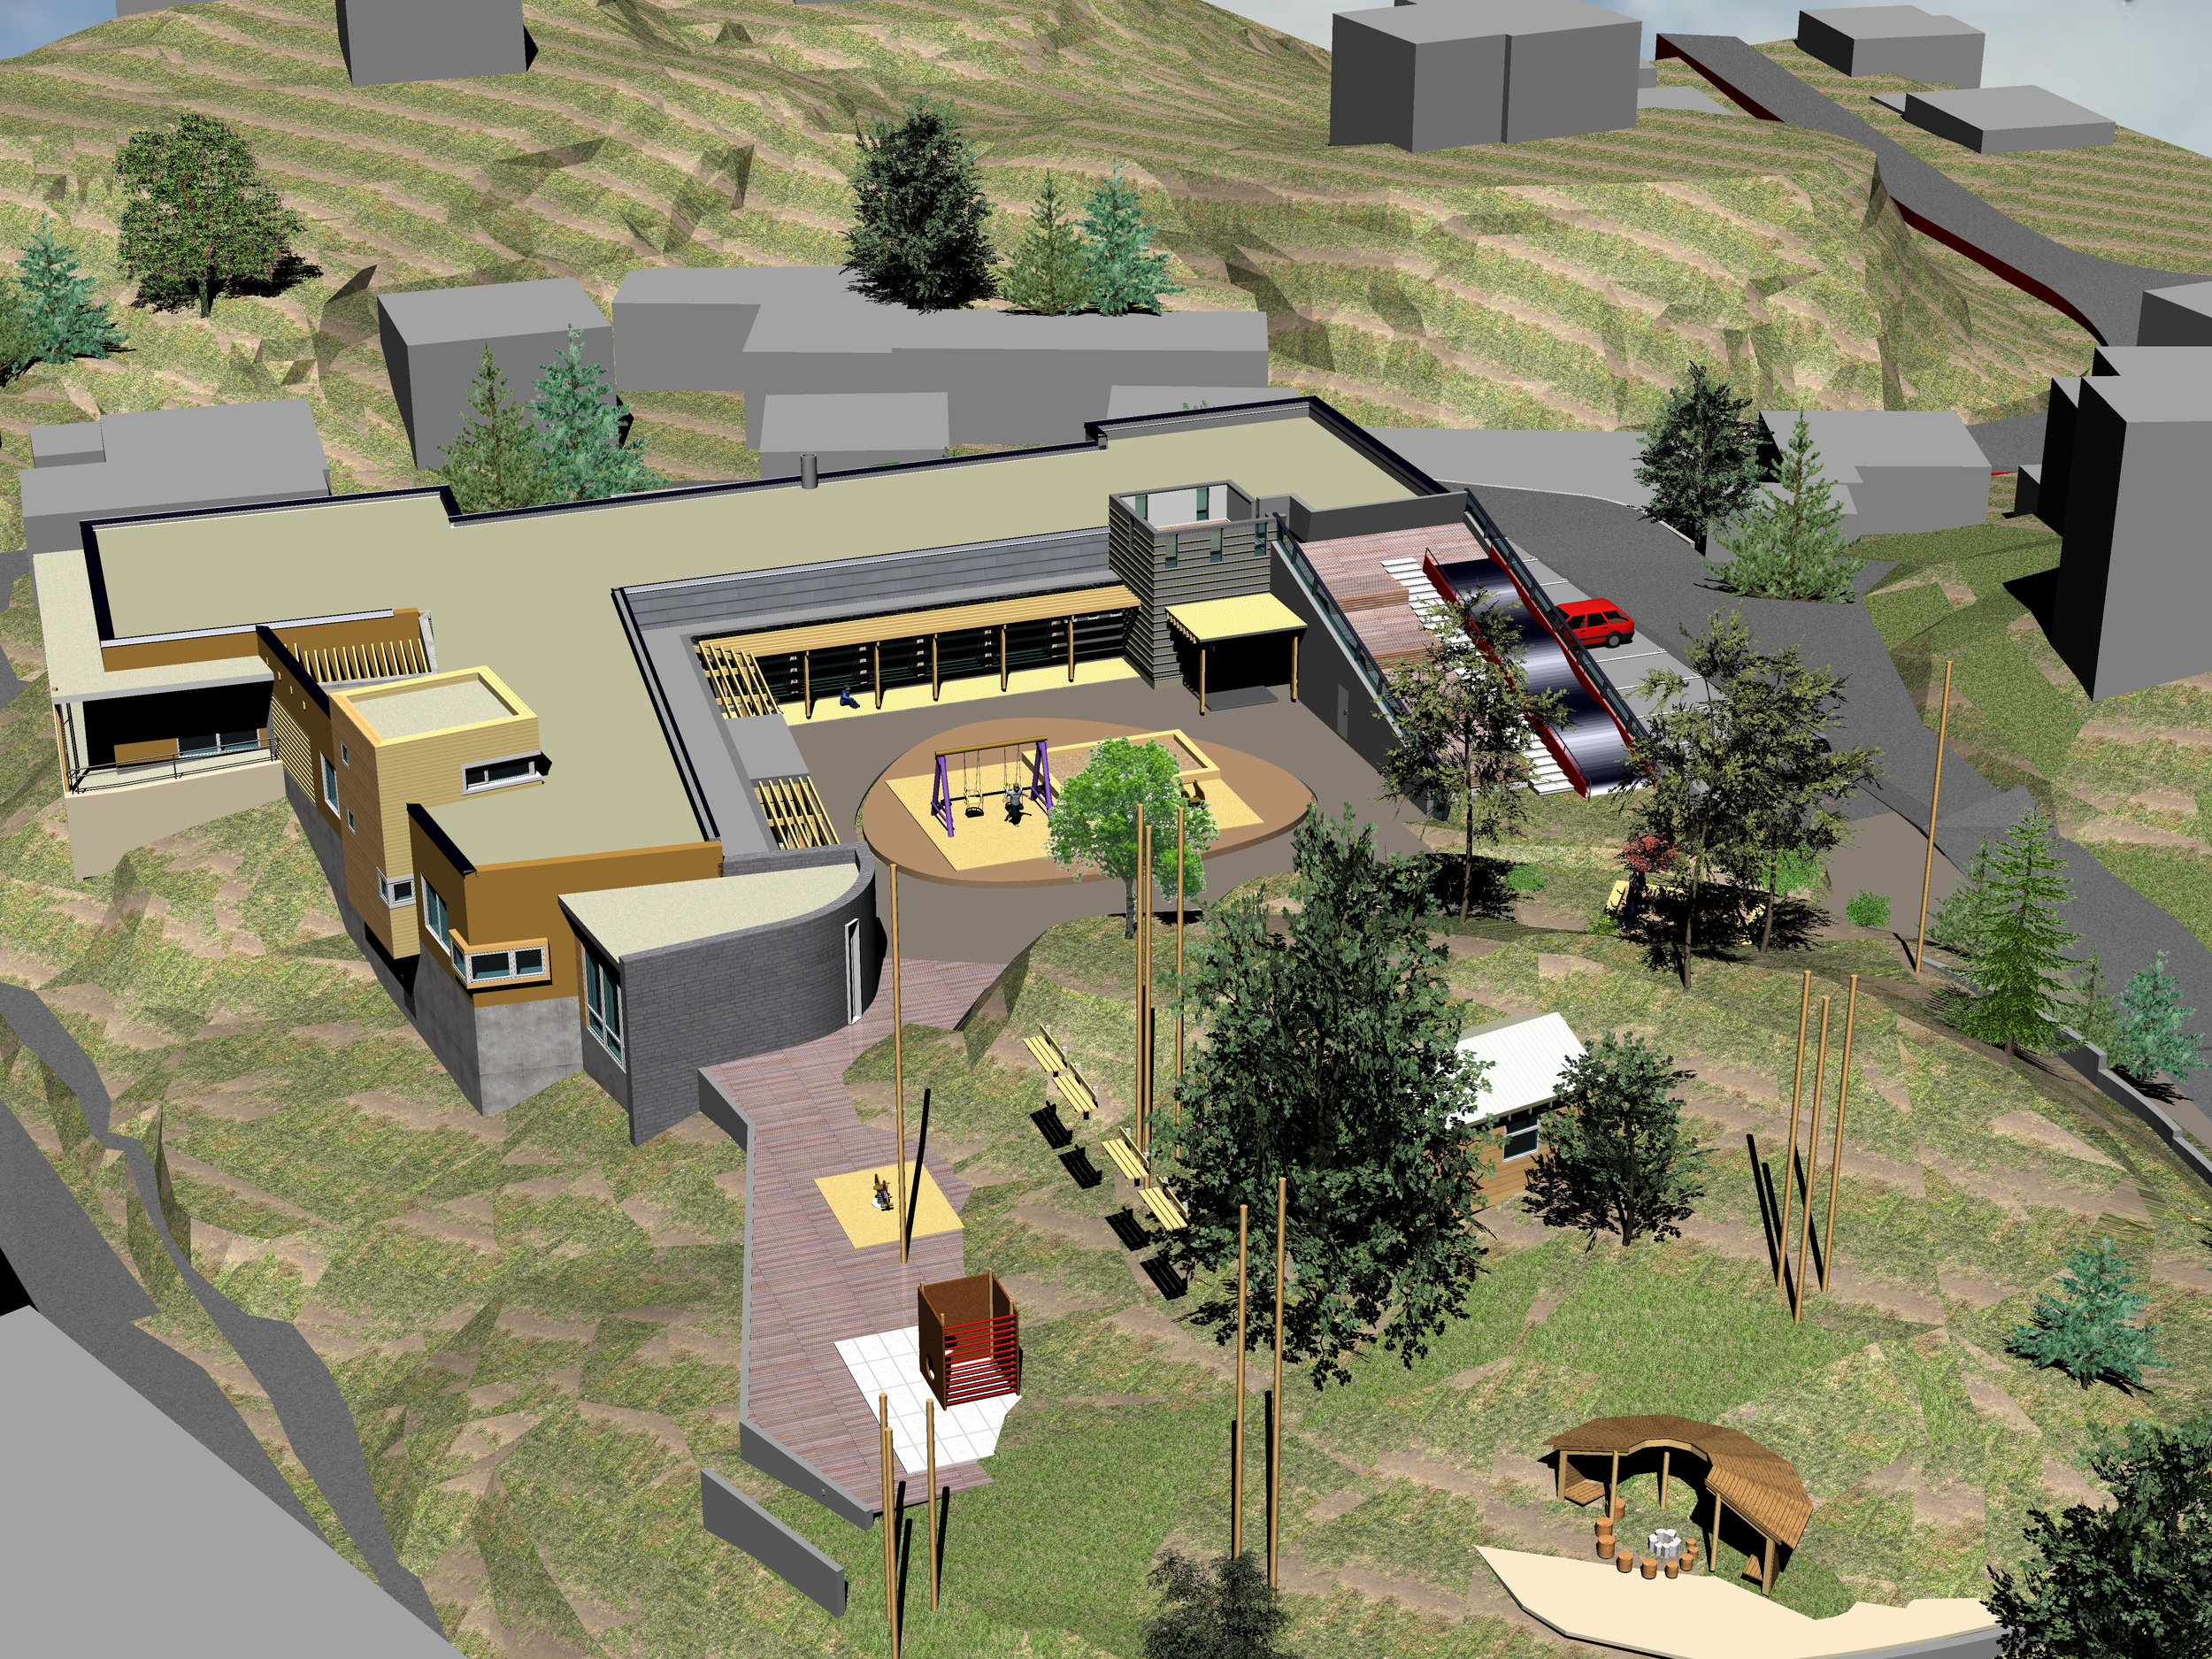 2007_ReArk_Strømsbuåsen bhg_07-131_HT,SBS,KS_MODELLBILDE 01.jpg